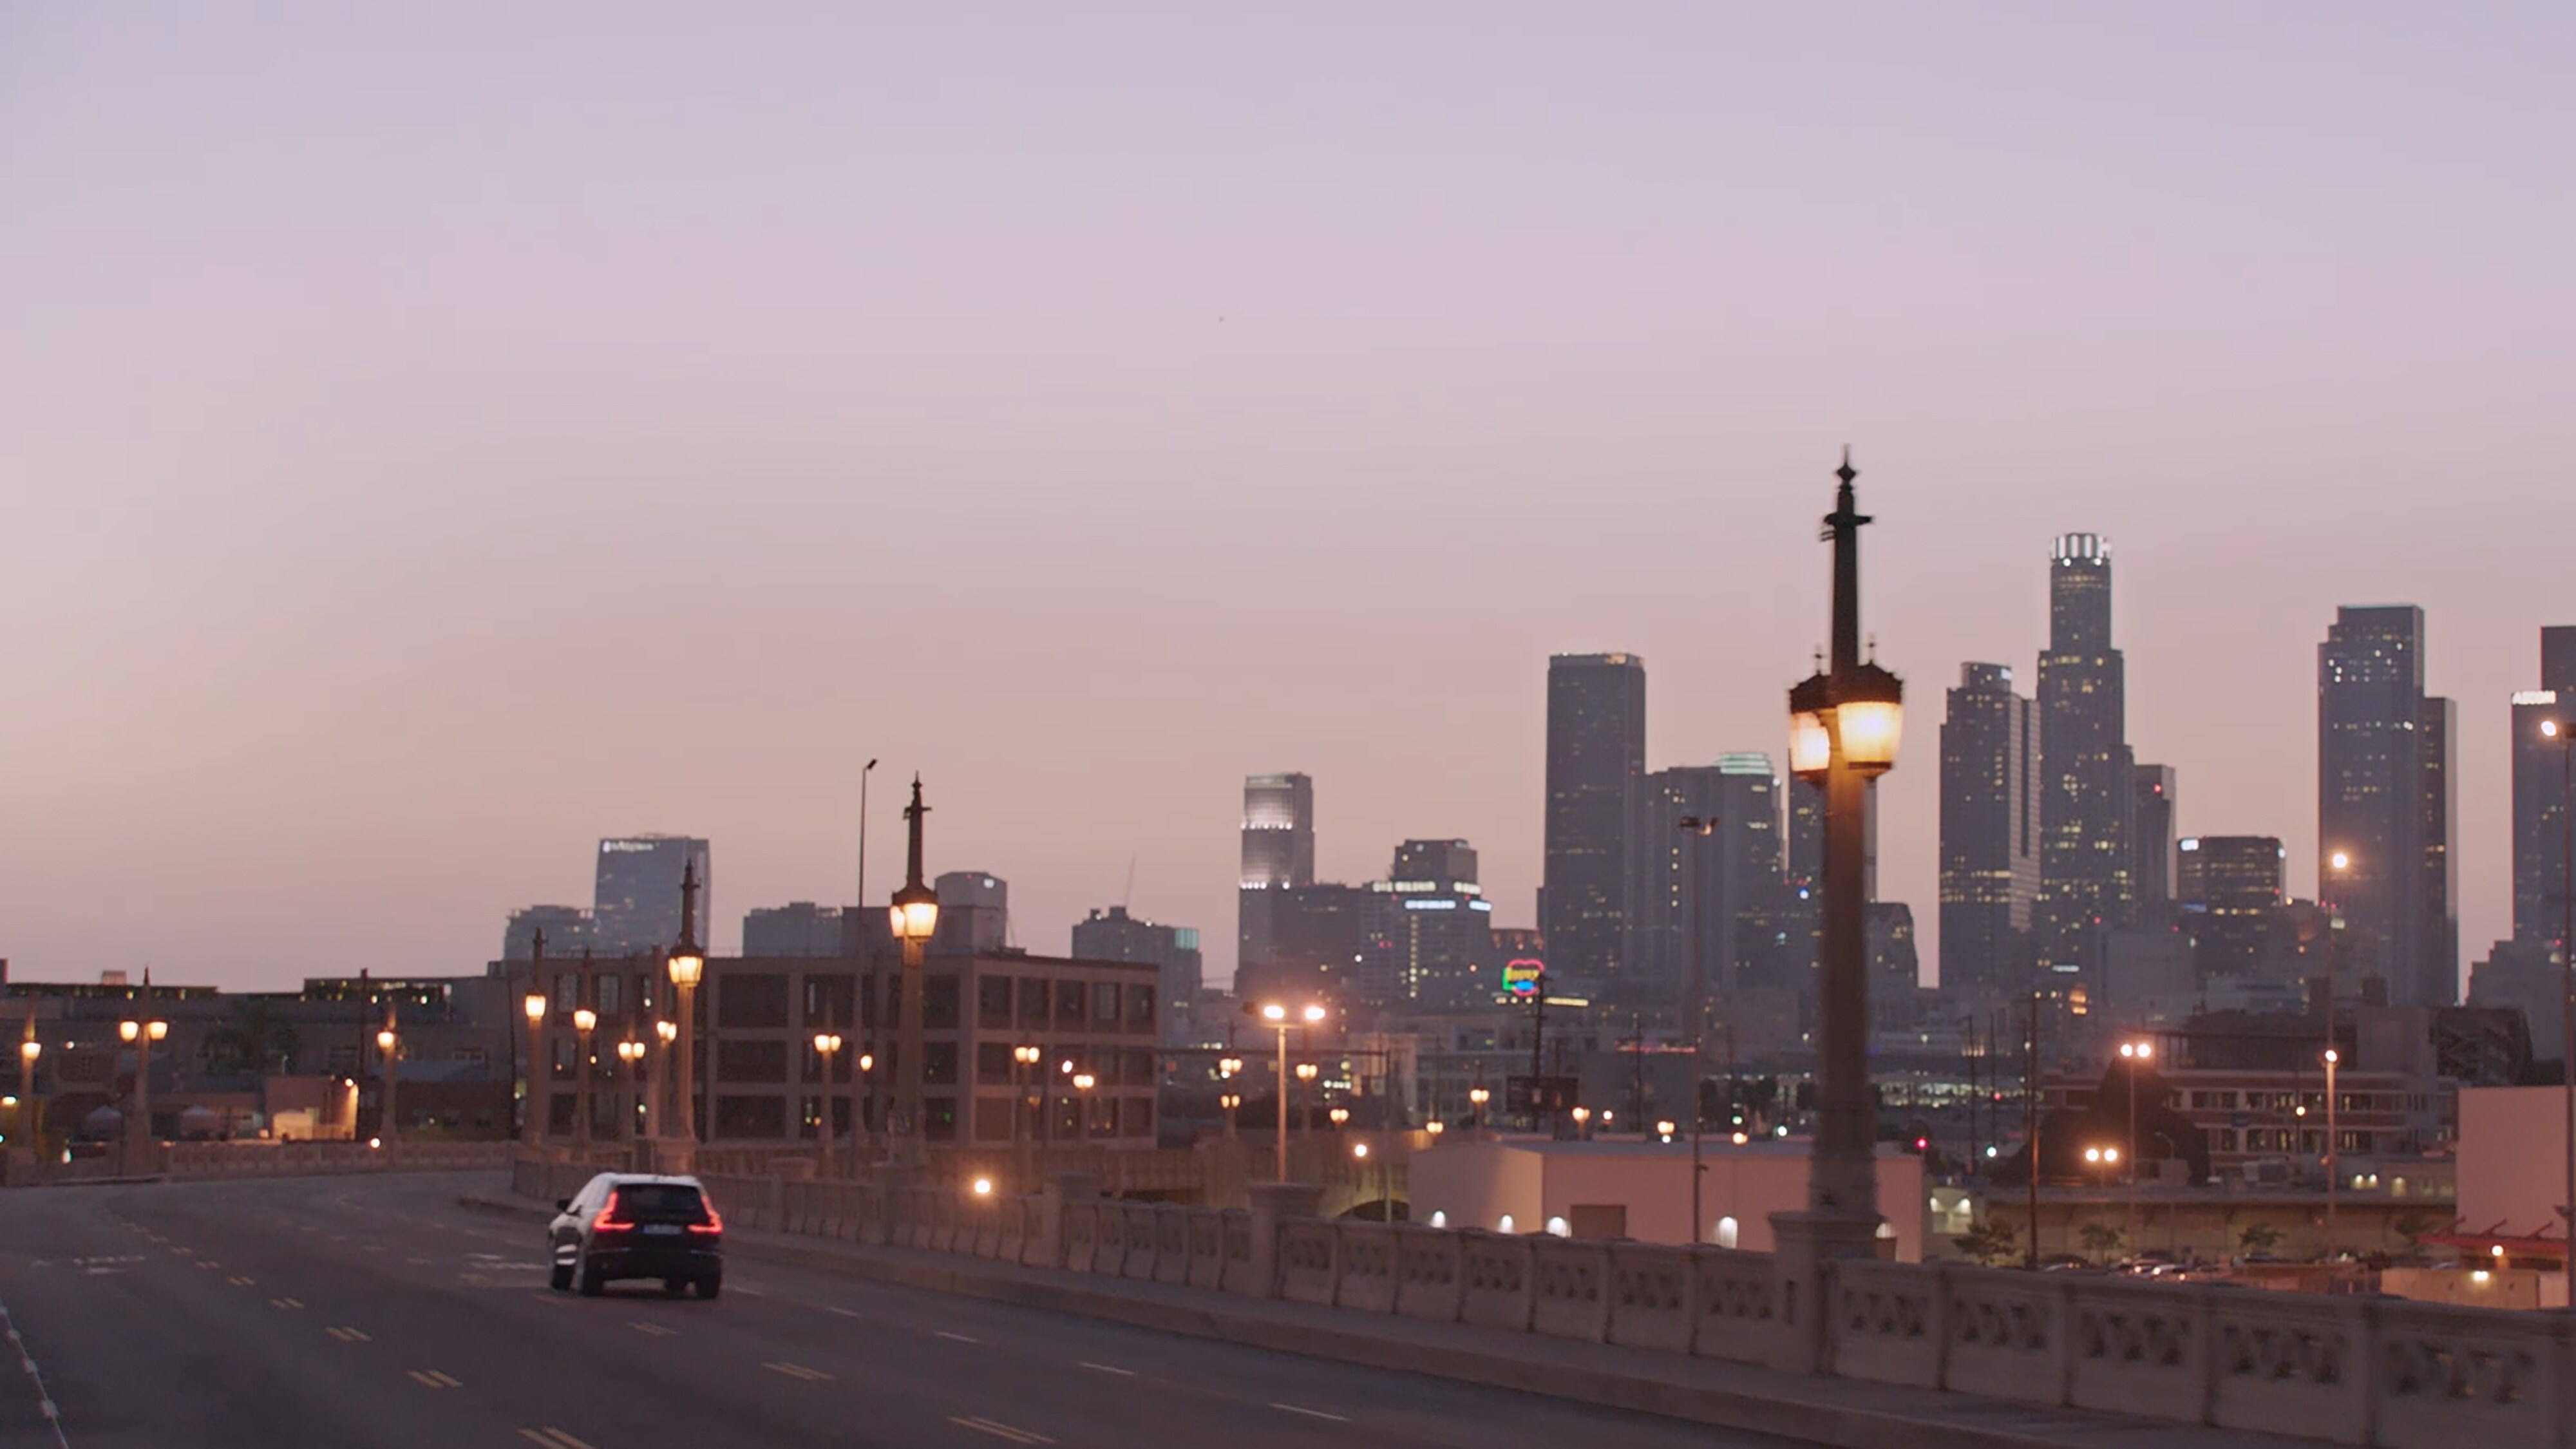 μια νύχτα να συνδέσετε εφαρμογές Βρετανική dating στο Ντουμπάι